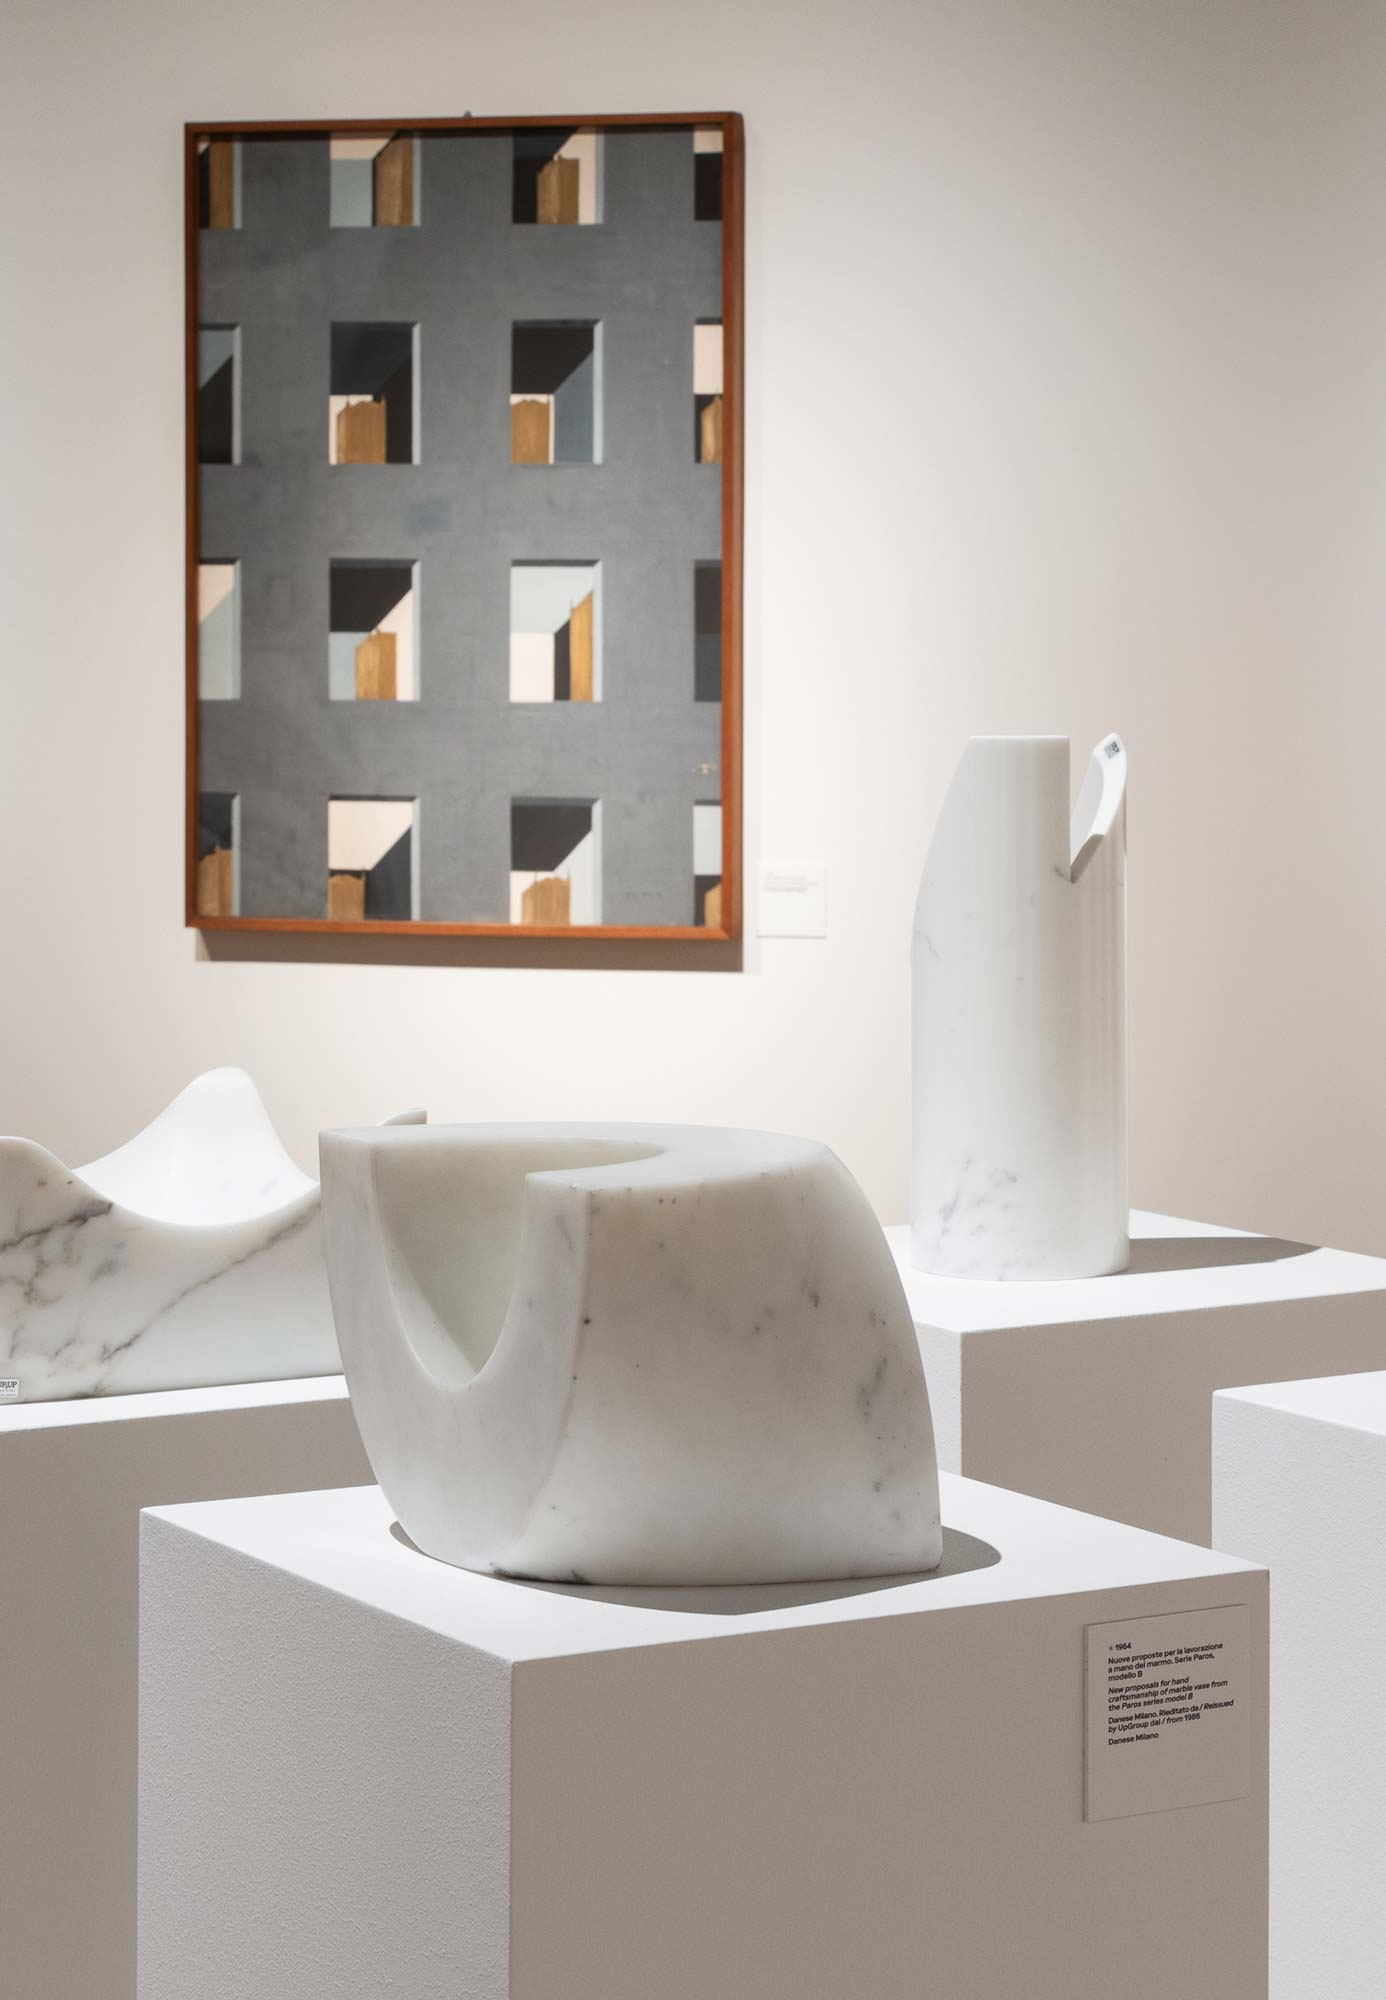 Retrospektive in der Triennale